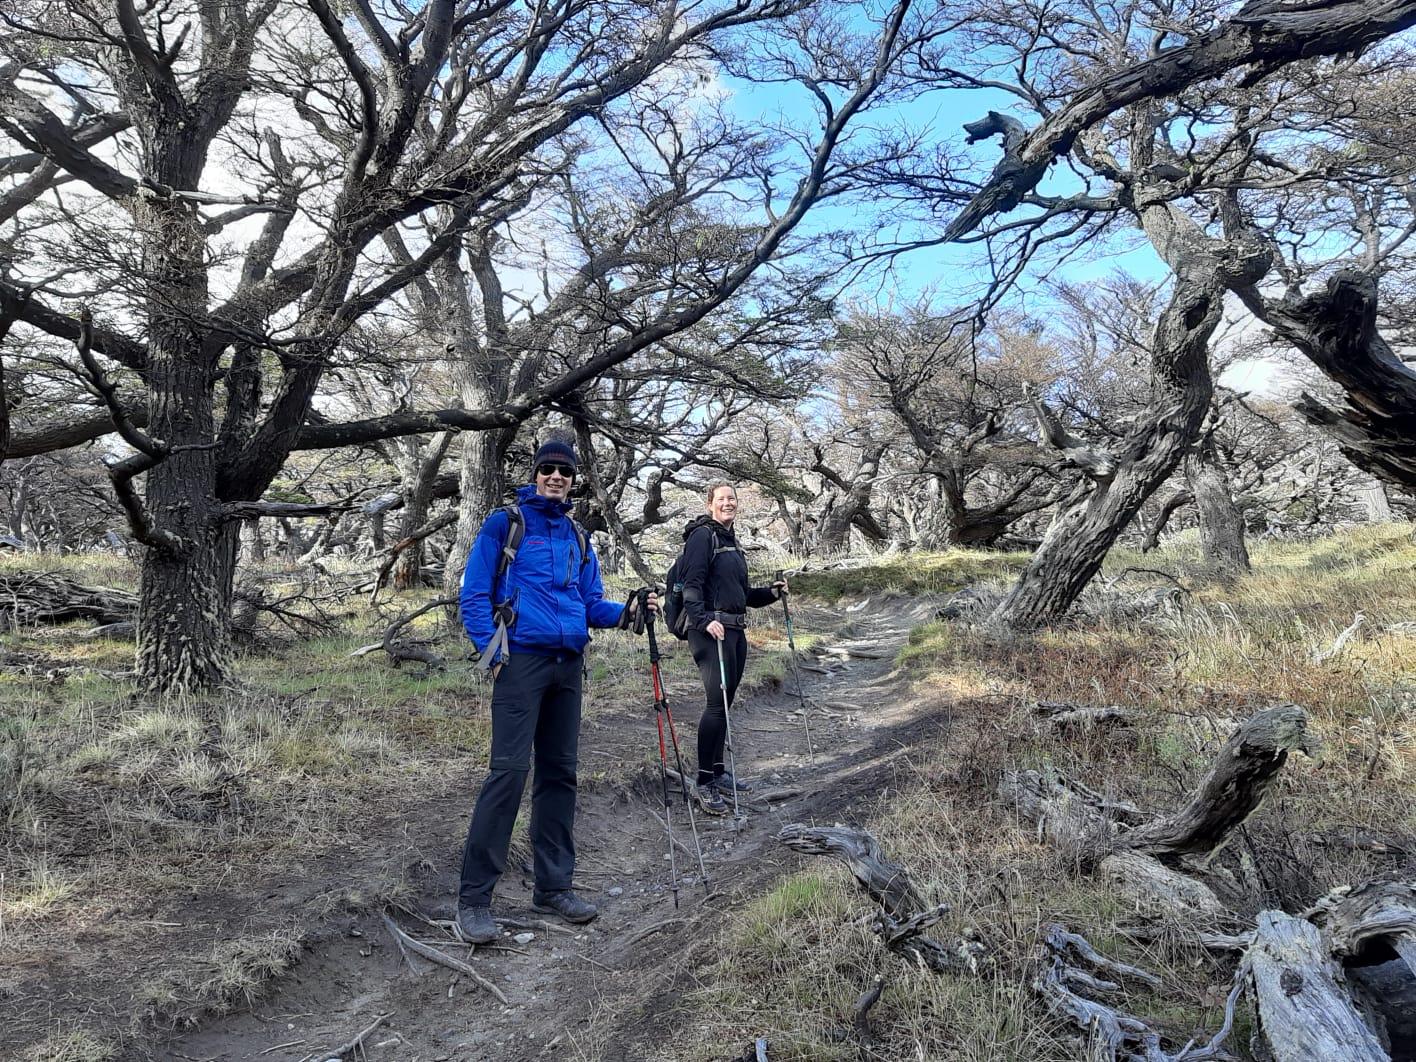 Wanderung zur bekannten Laguna de los Tres.